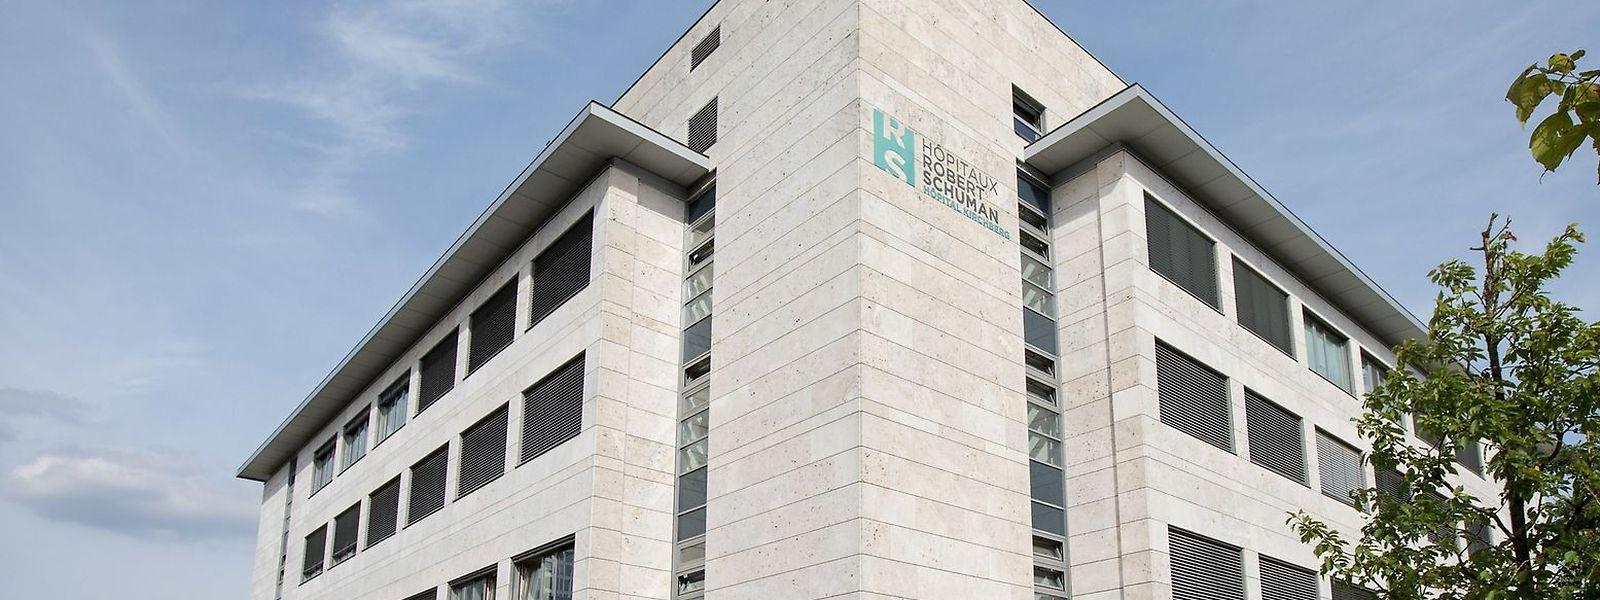 Die Standorte der derzeitigen geriatrischen Pflegestationen der Hôpitaux Robert Schuman (HRS) sollen in Kirchberg zusammengelegt werden.